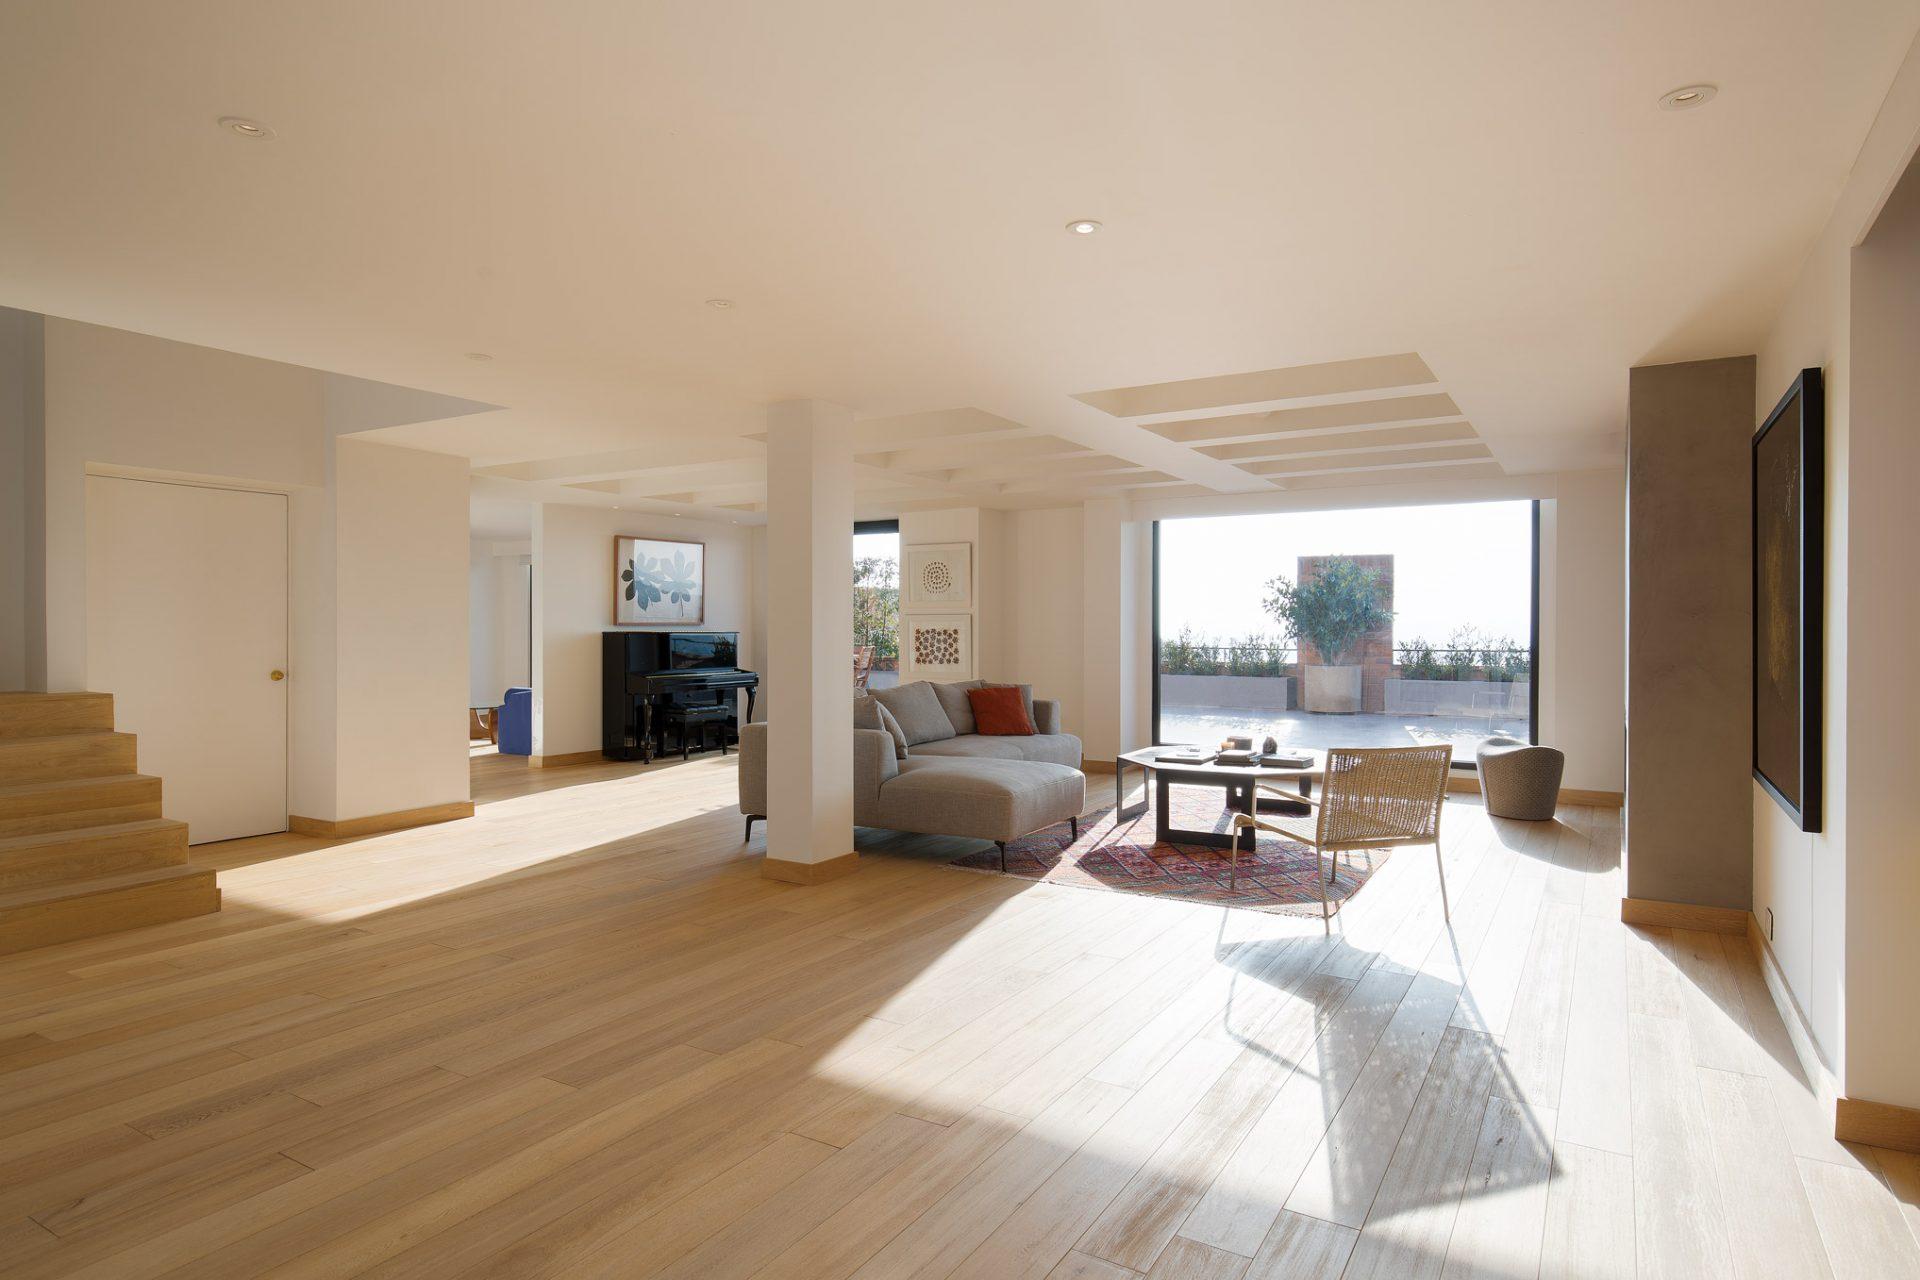 10.studiomanrique.simonbosch.photography.bogota.interior.duquearquitectura